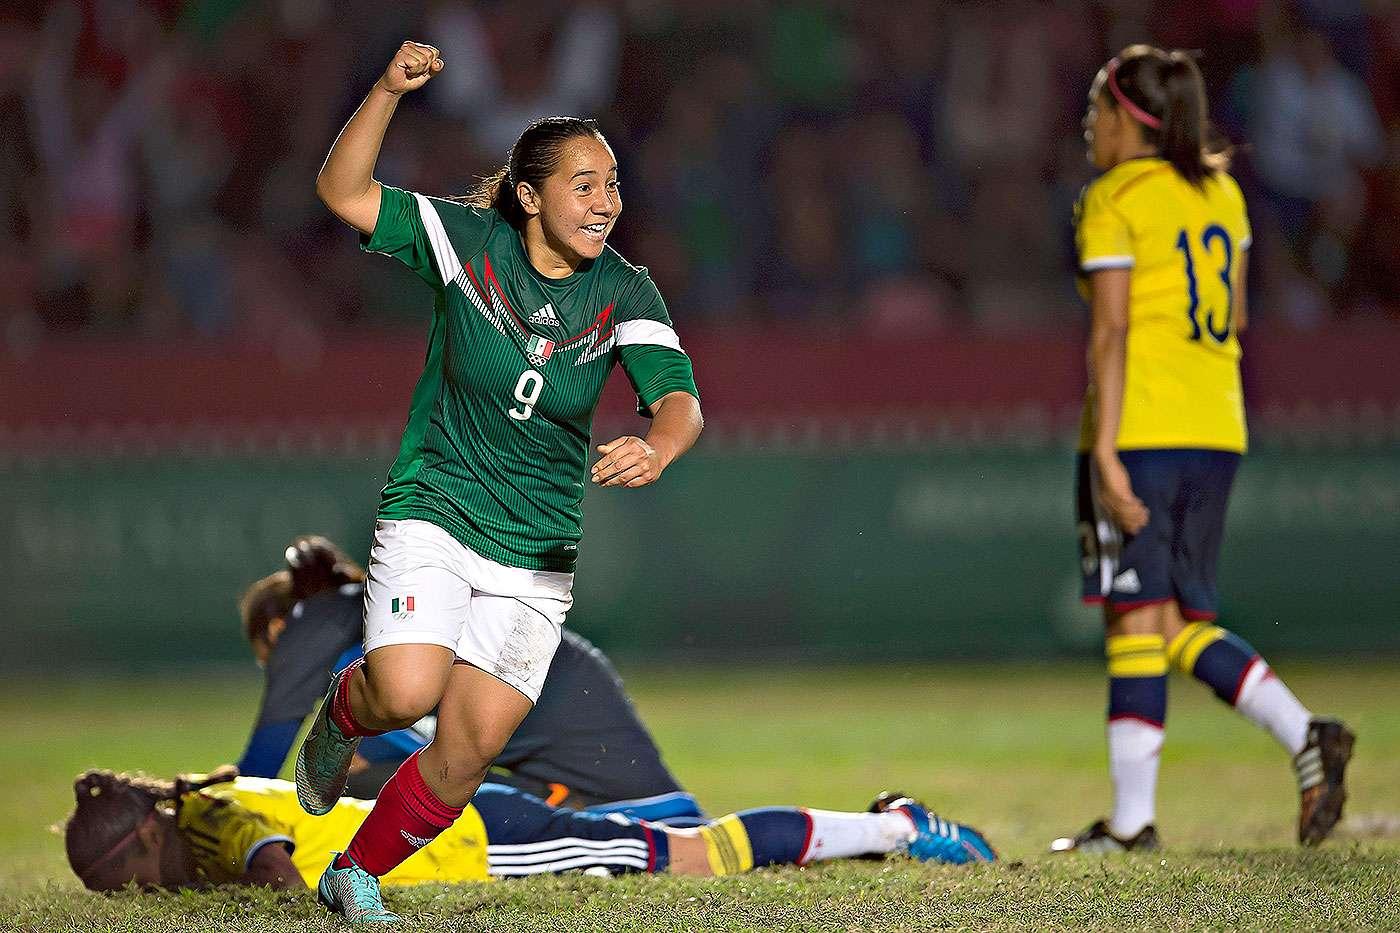 Charlyn Corral celebra su gol ante Colombia en la final del futbol femenino de los Juegos Centroamericanos y del Caribe 2014. Foto: Mexsport